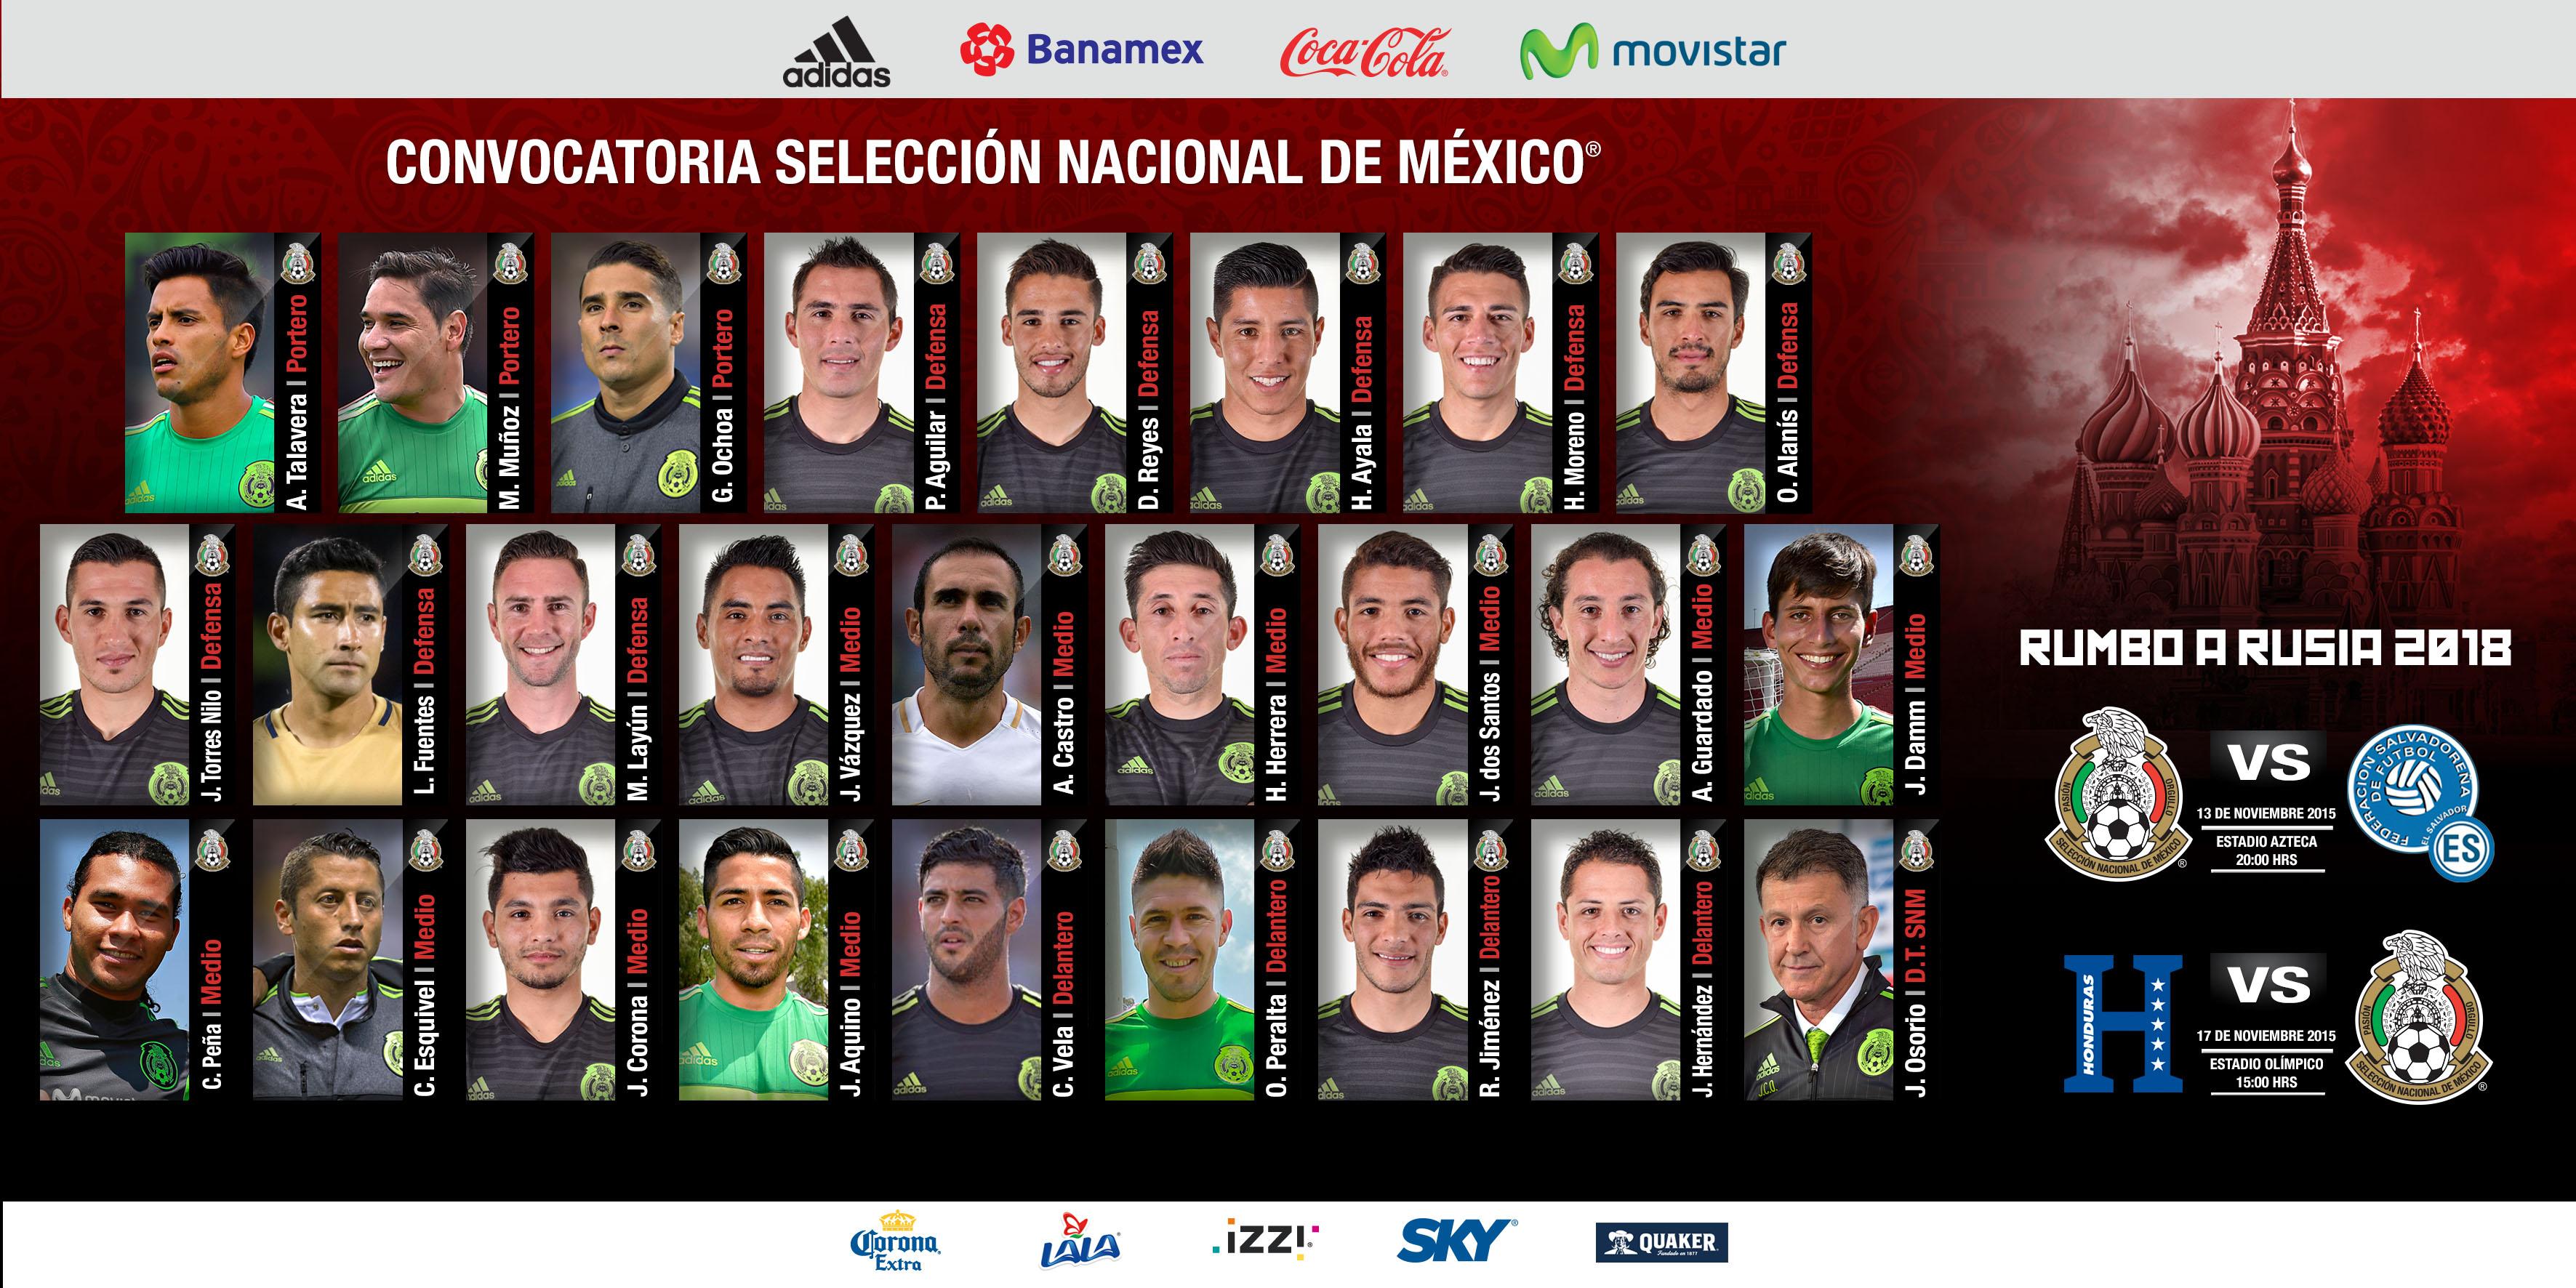 Convocatoria de la Selección Nacional Mexicana para eliminatoria mundialista